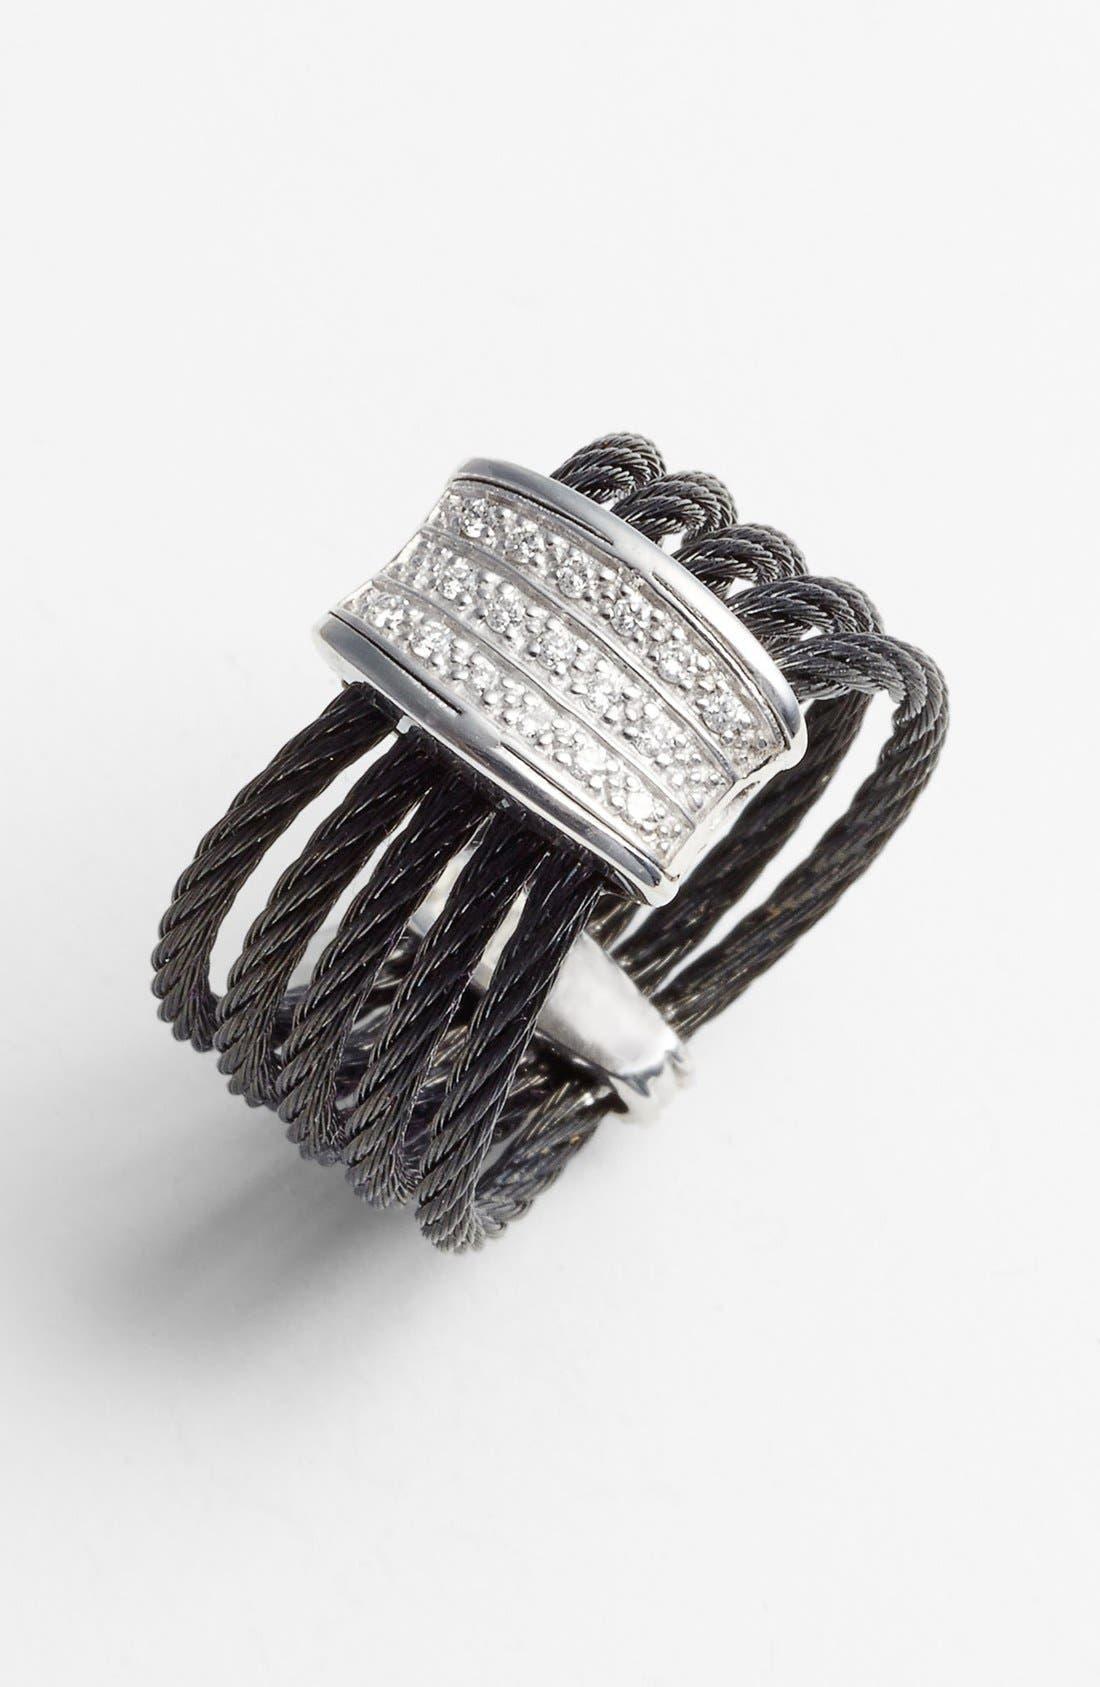 Main Image - ALOR® 5-Row Diamond Ring